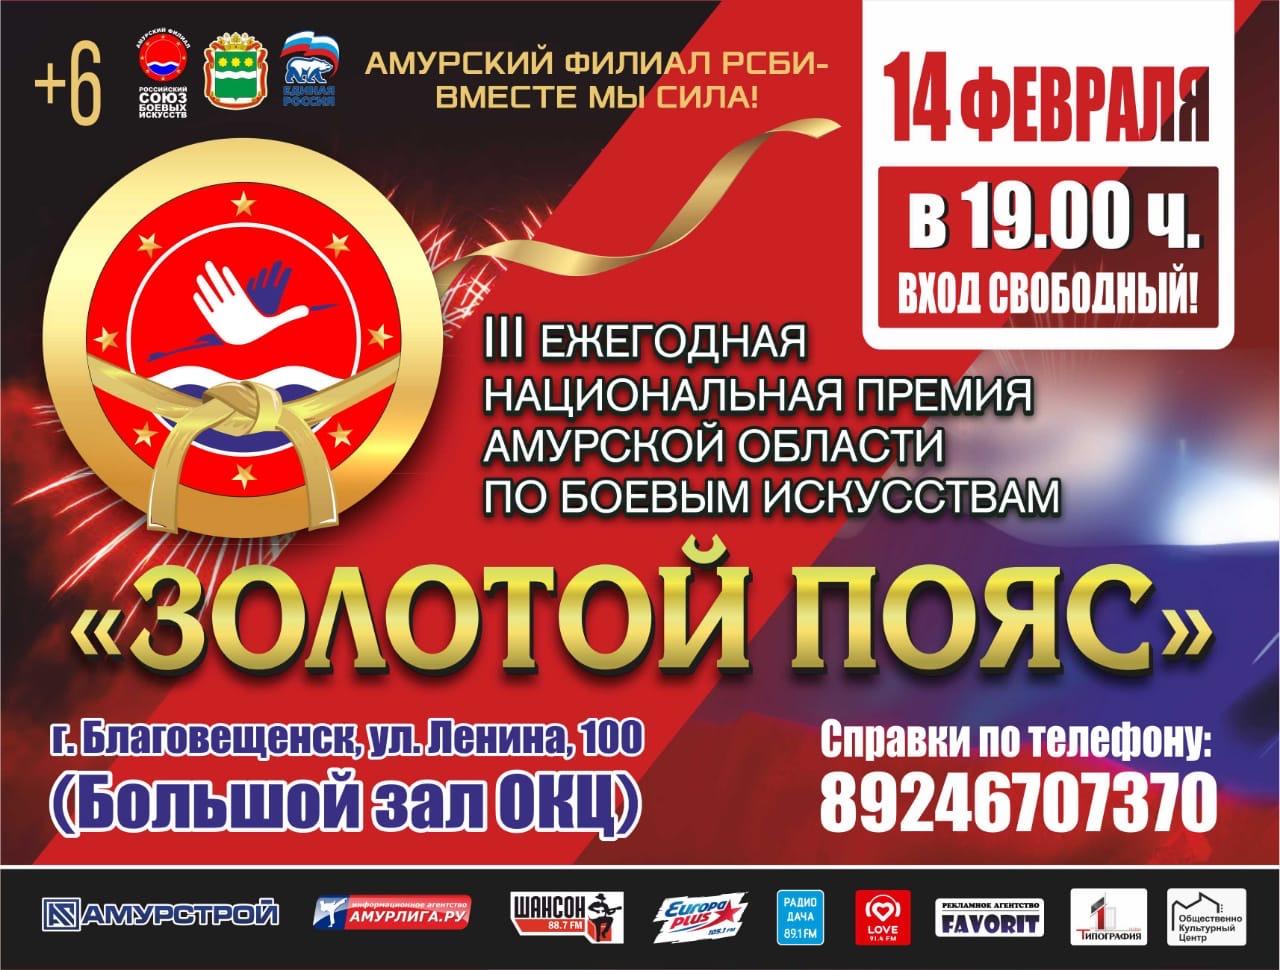 III Ежегодная Национальная премия Амурской области по боевым искусствам «Золотой Пояс»